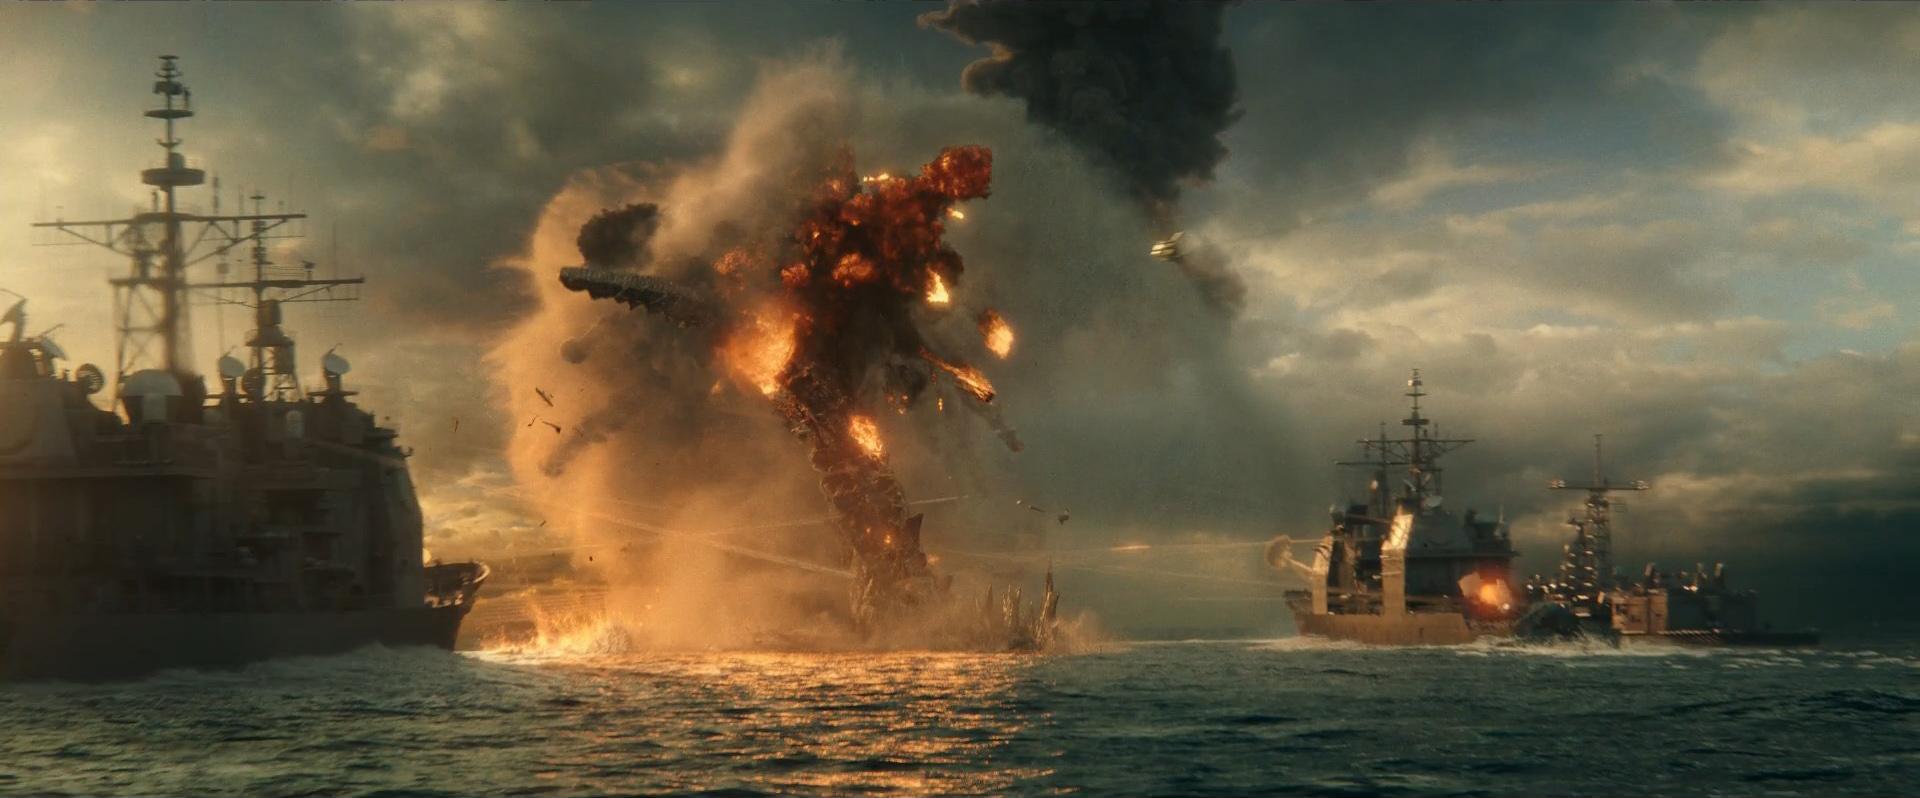 Godzilla vs Kong Trailer Still 31